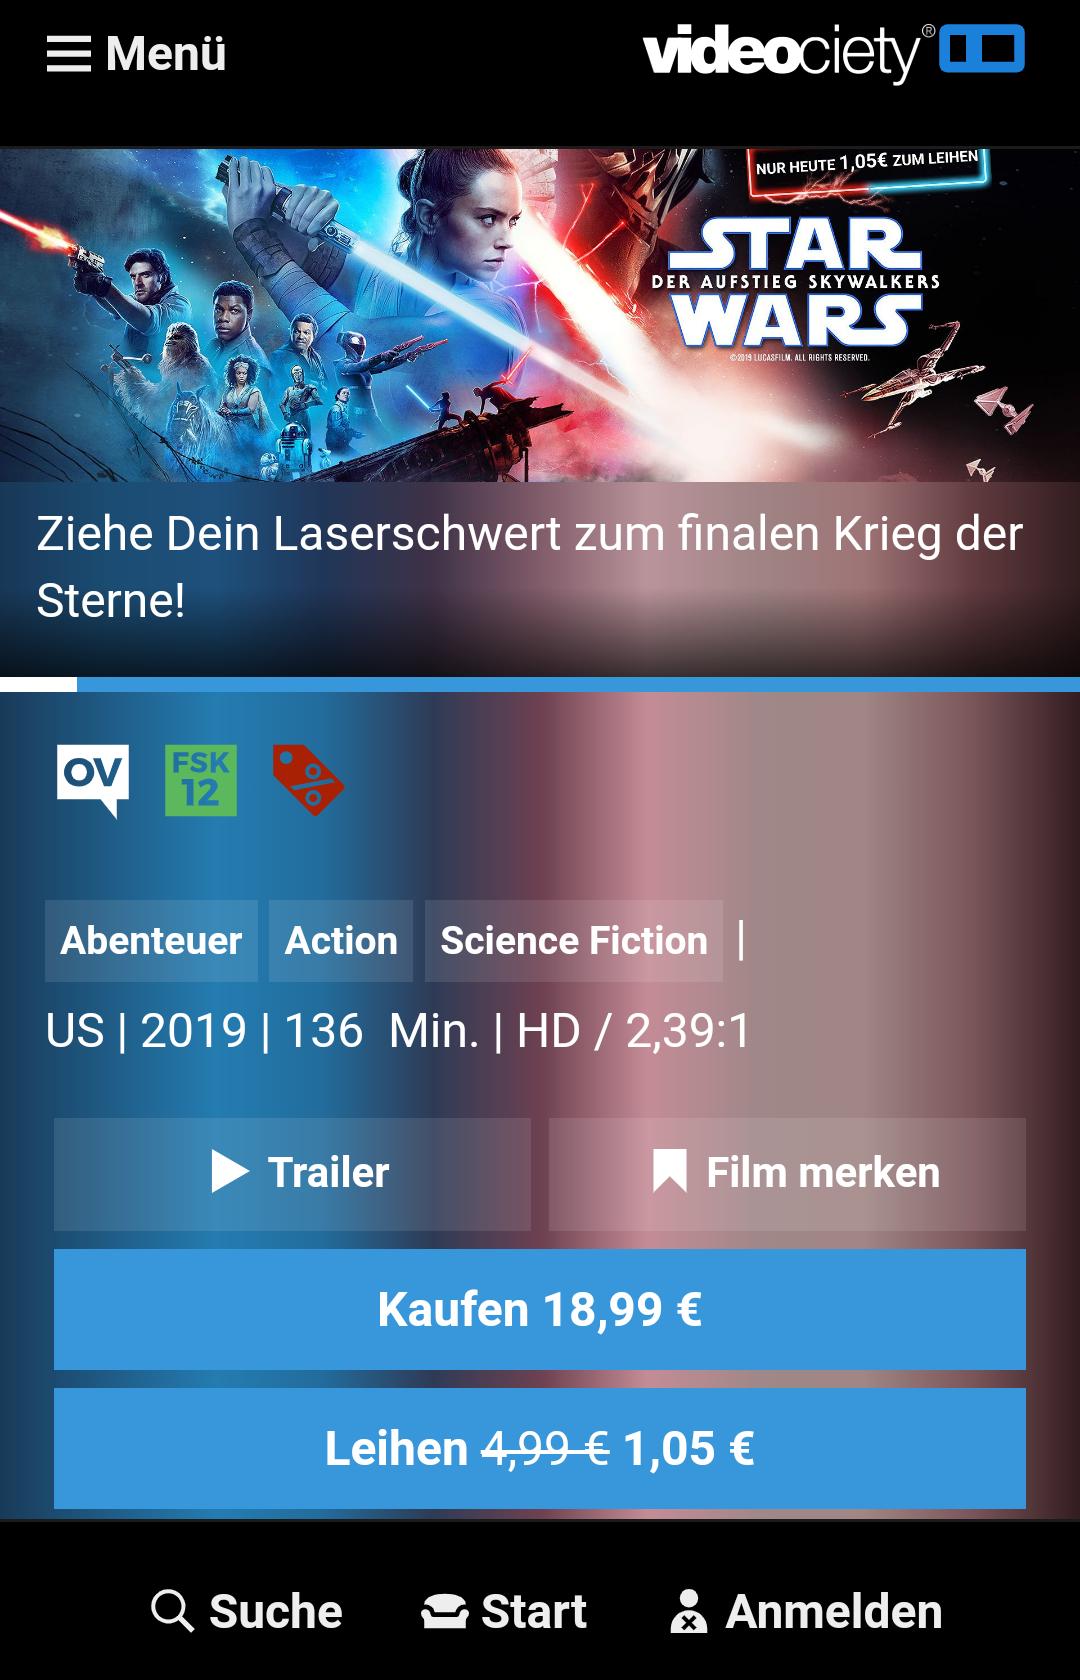 [videociety] Star Wars Der Aufstieg Skywalkers HD Leihfilm für 1,05€